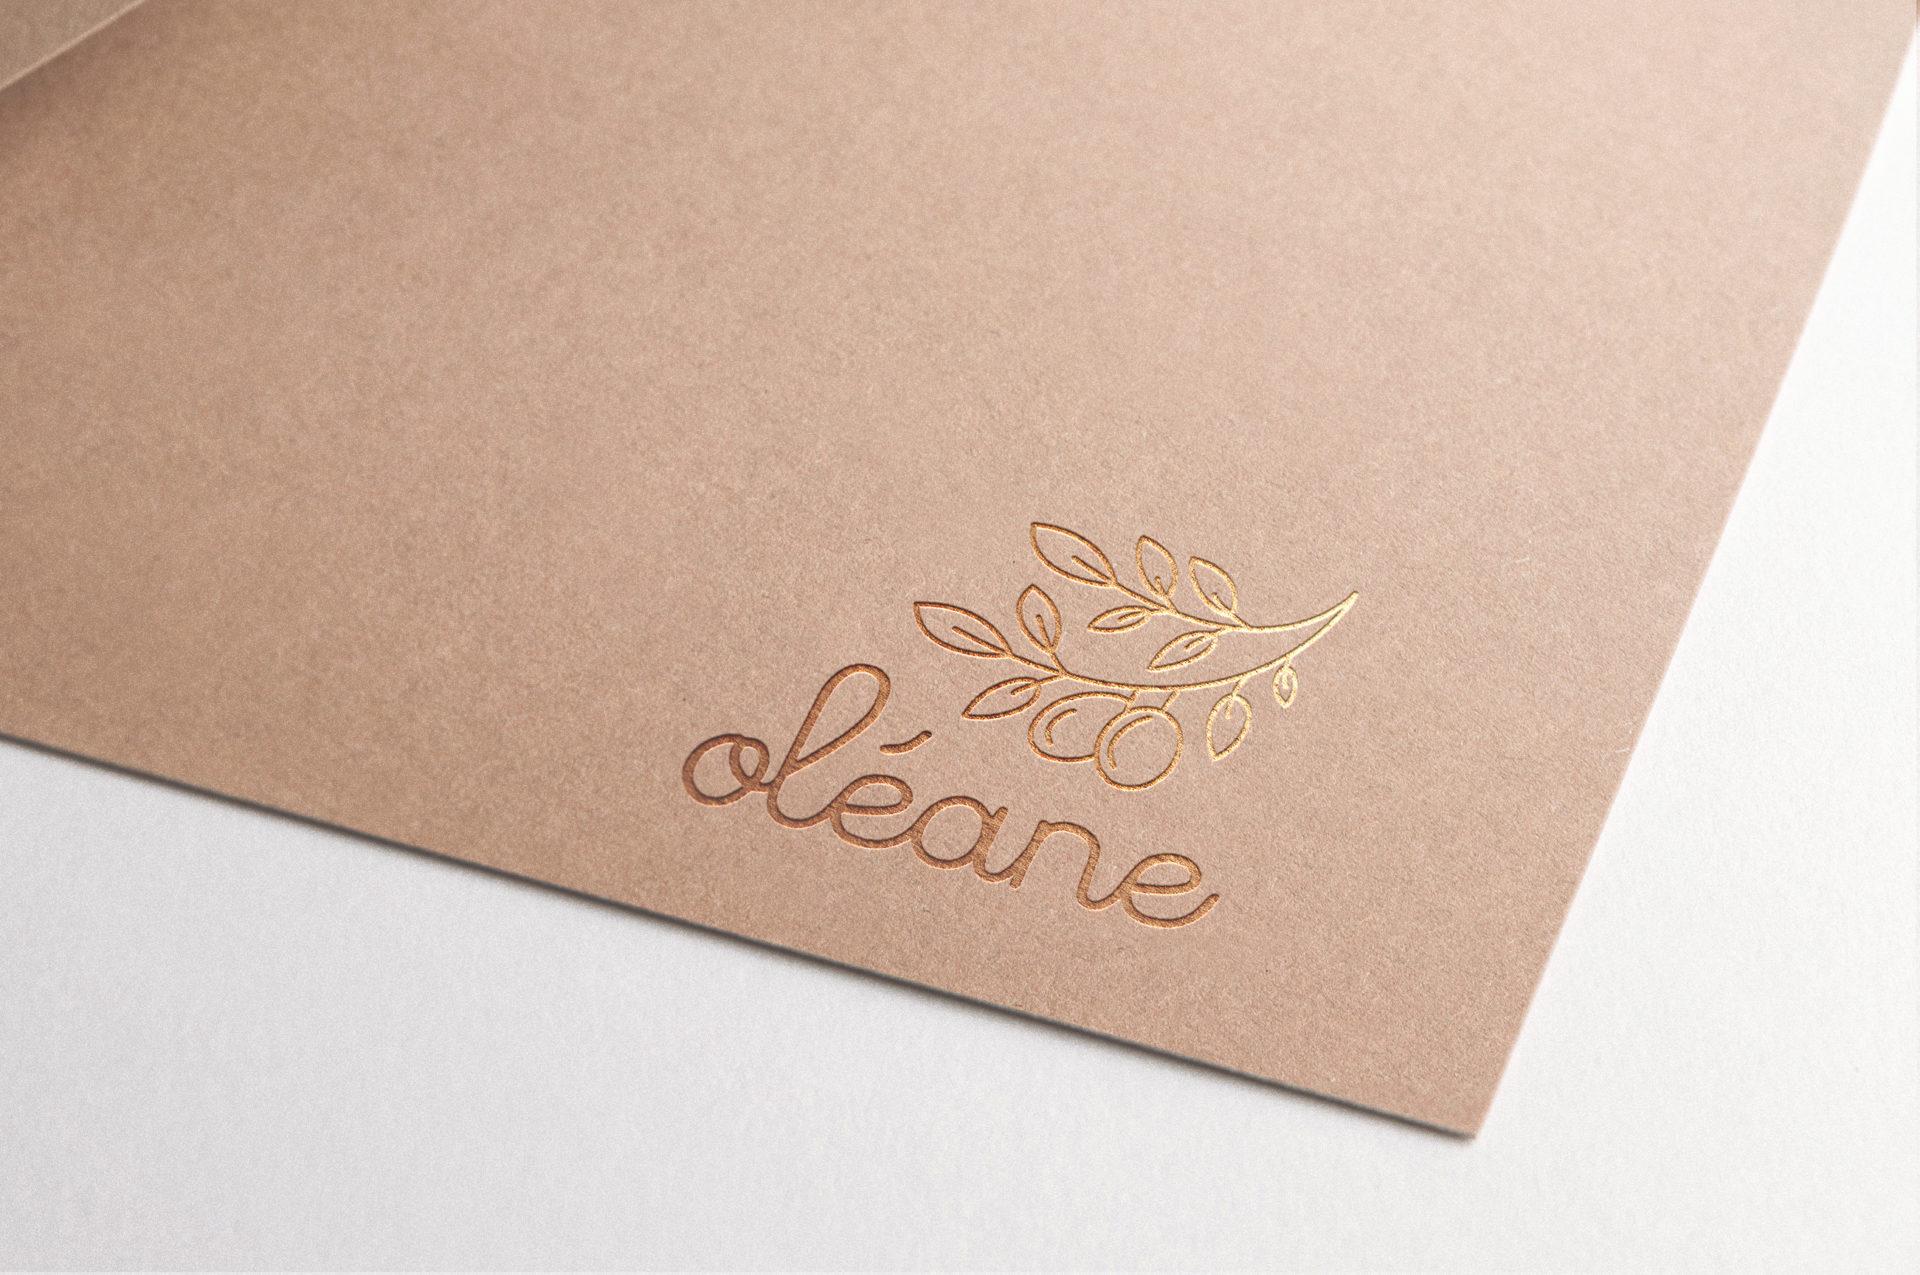 identite-visuelle-logo-professionnel-haut-de-gamme-olive-oleane